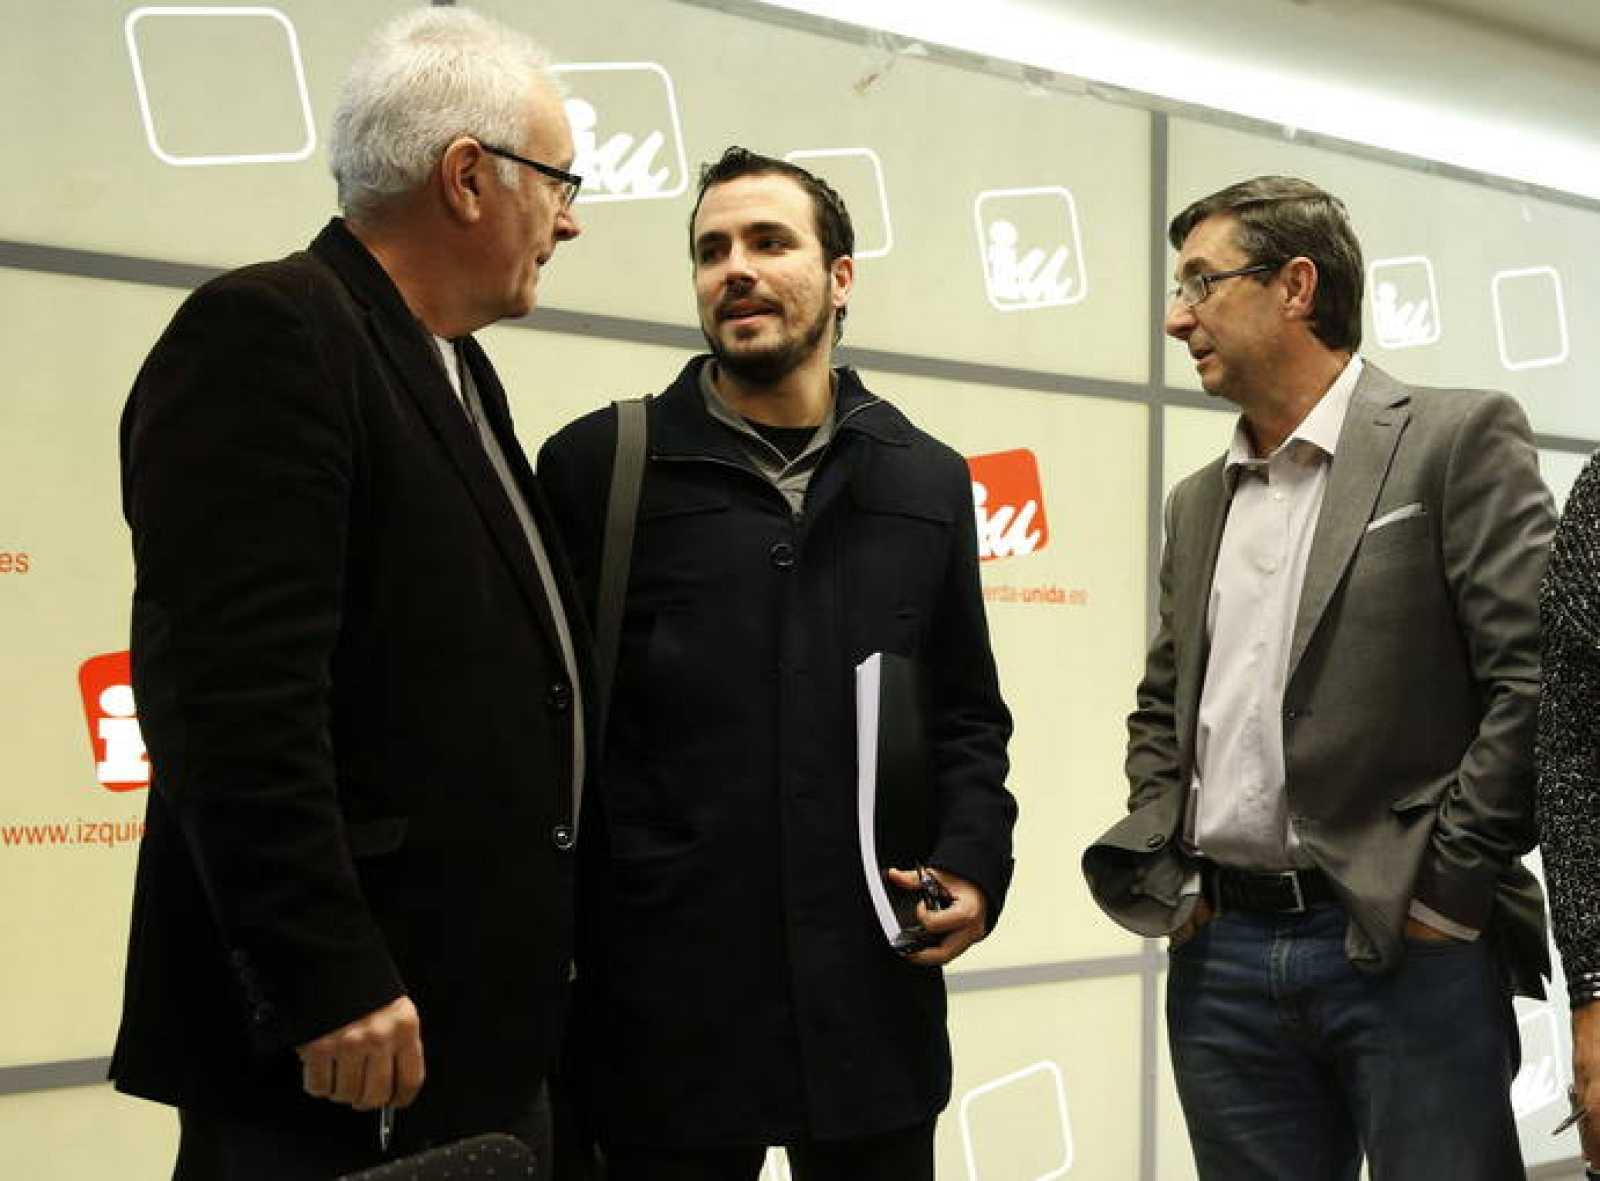 El líder de Izquierda Unida, Cayo Lara (i), conversa con Alberto Garzón (c) y José Luis Centella (d) antes del comienzo de la Presidencia Federal de IU.